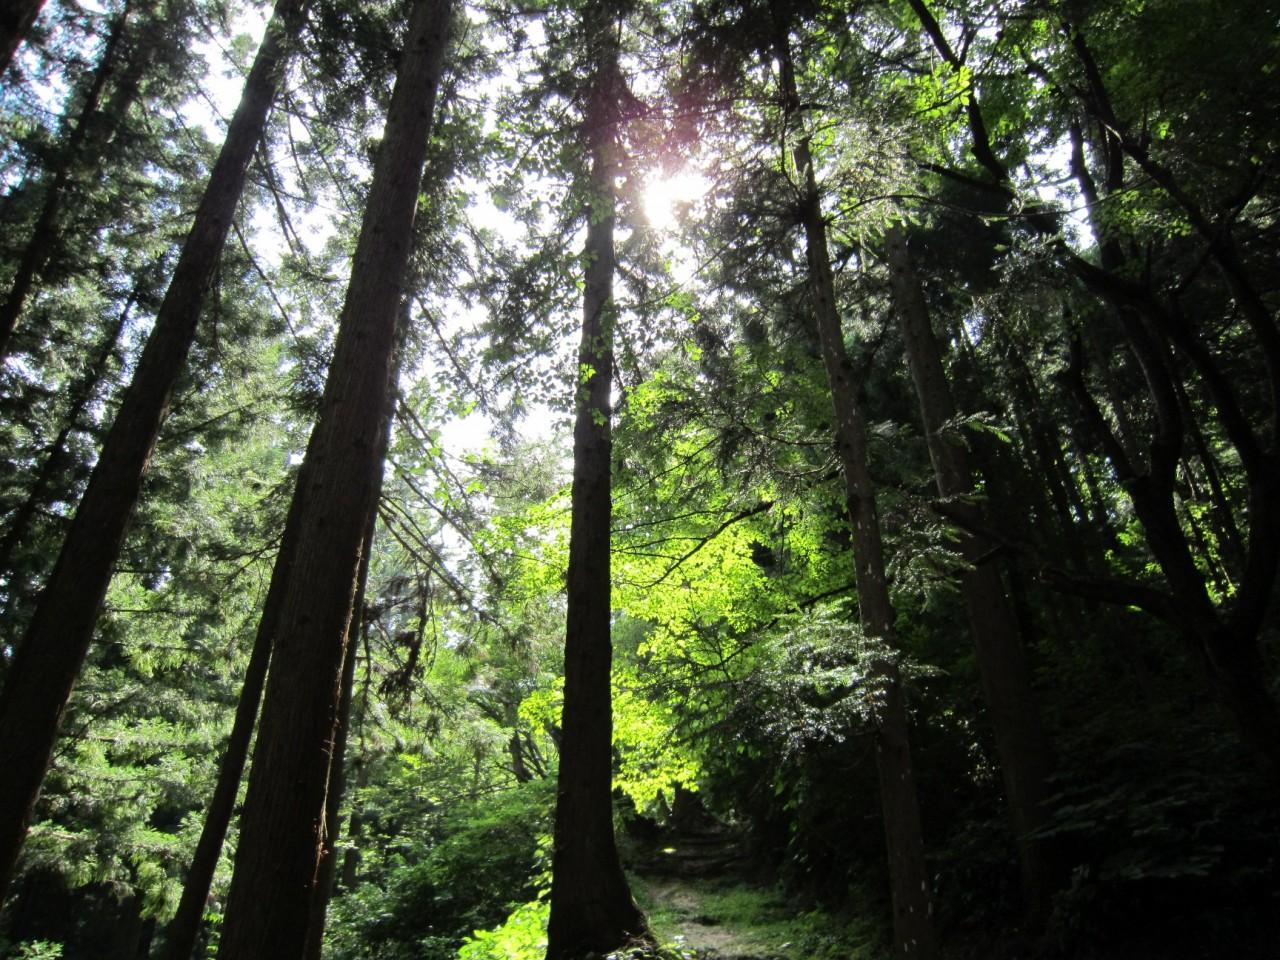 青森 風景 夏 津軽 弘前市 三十三観音 森林